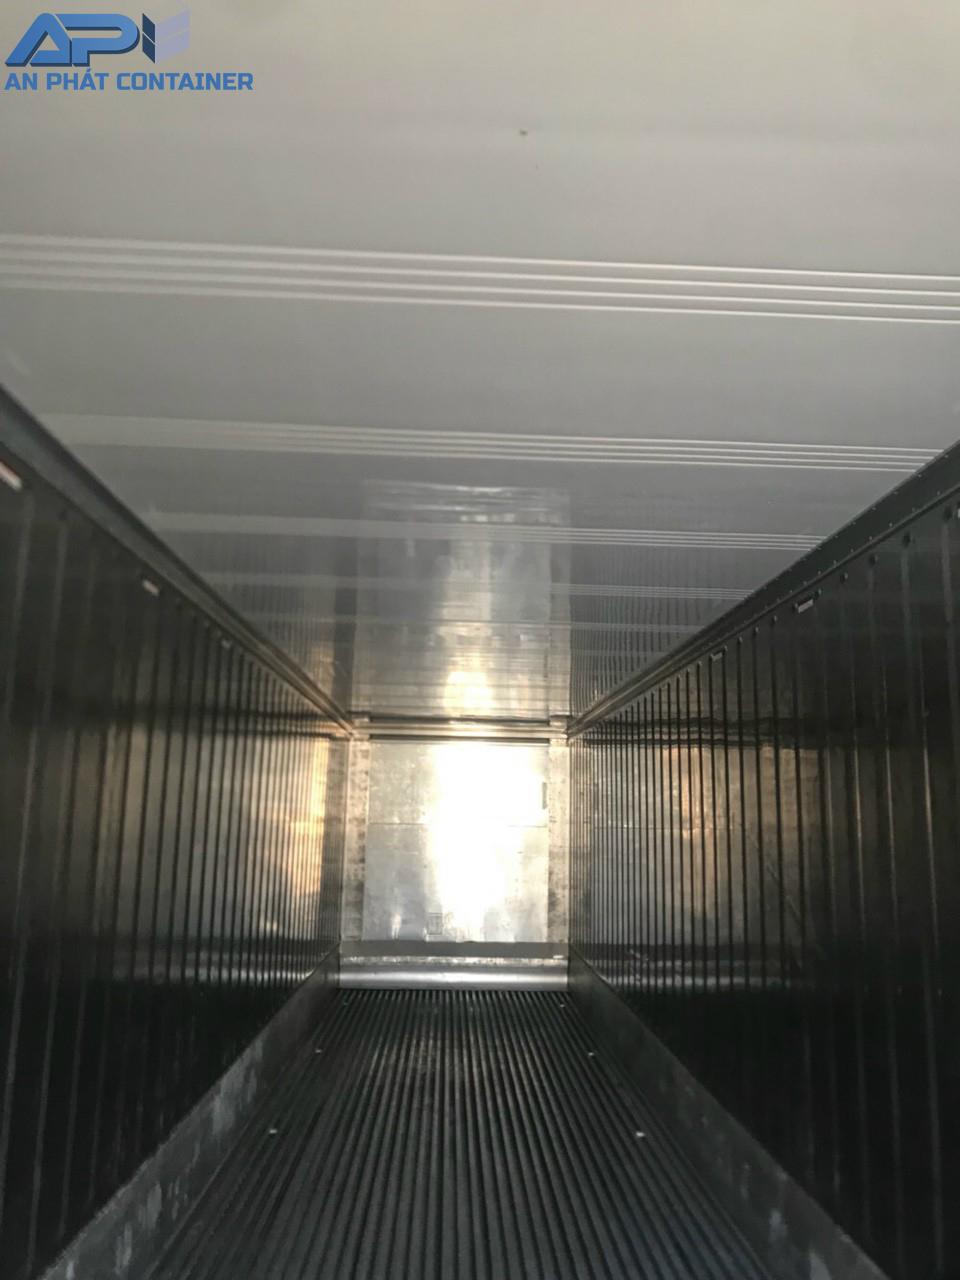 Bên trong container lạnh cũ vẫn còn rất sáng bóng, chưa móm méo